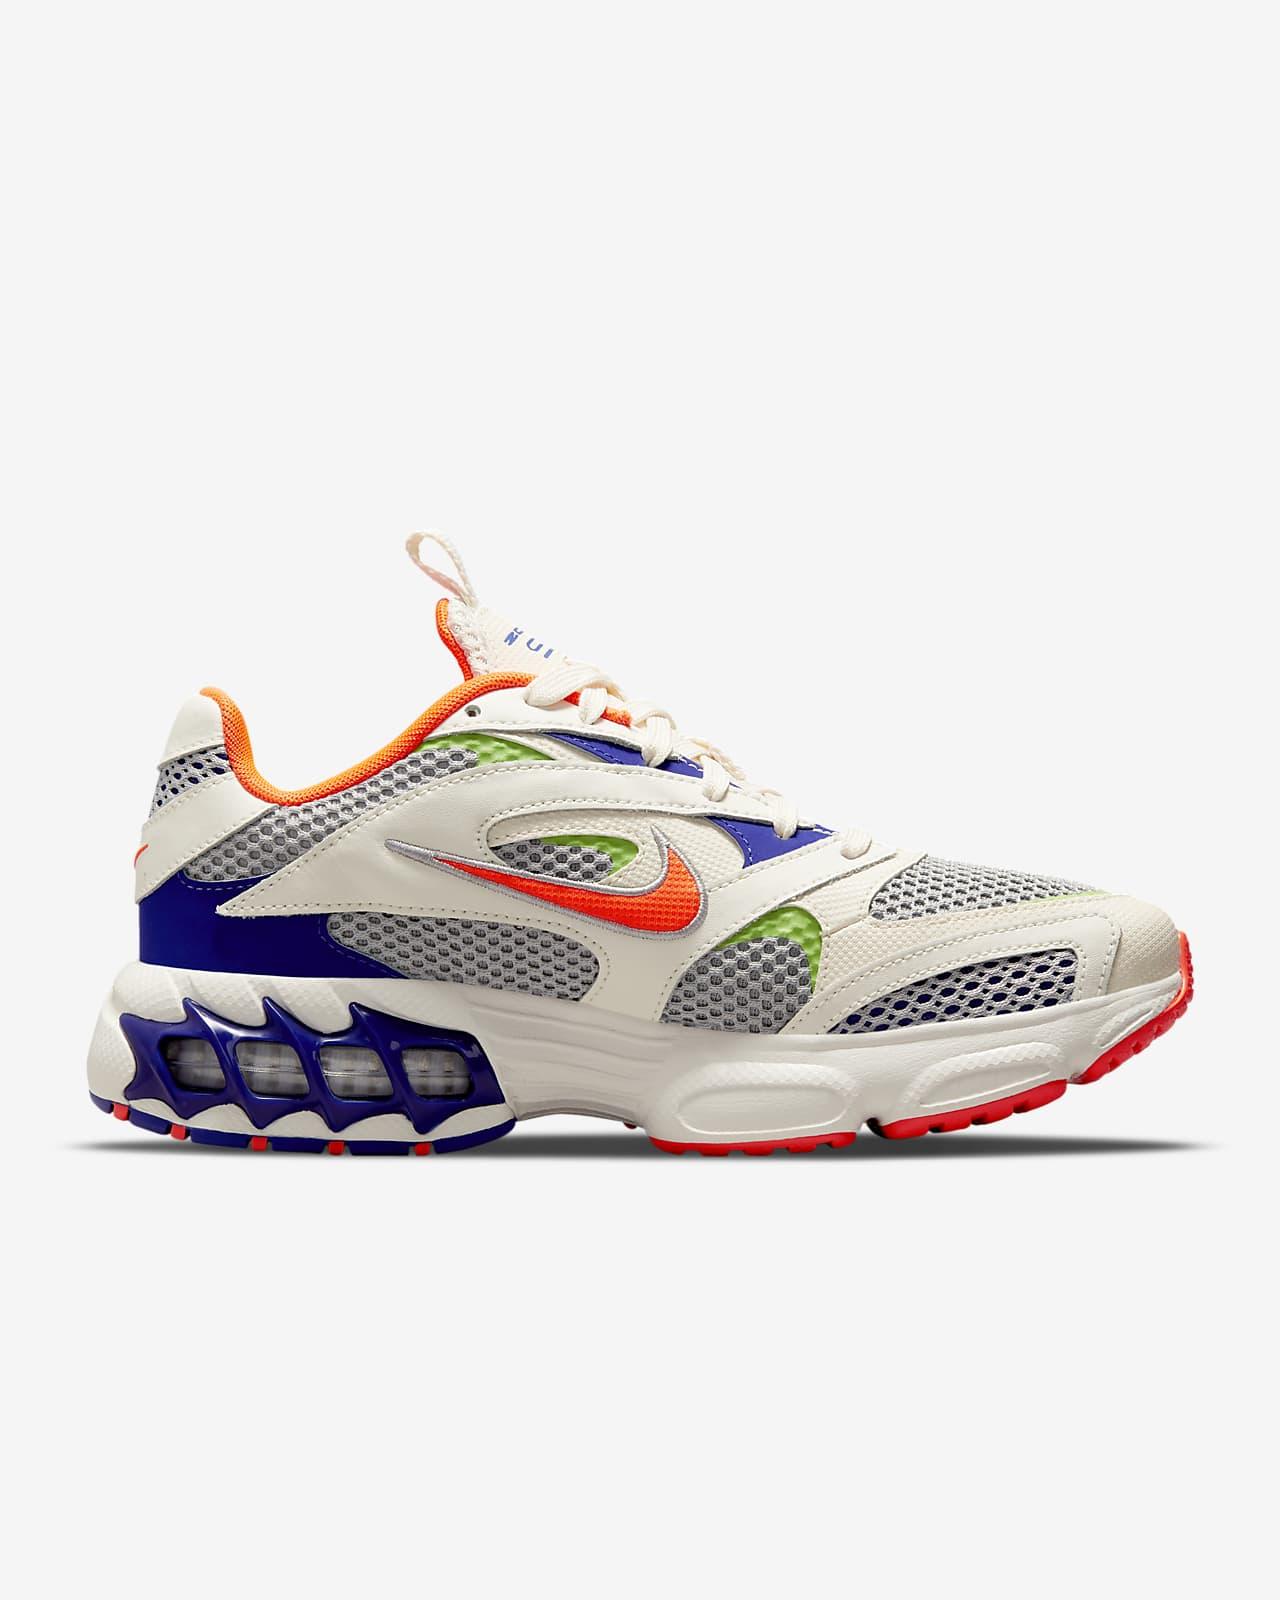 Nike Zoom Air Fire Women's Shoes. Nike LU